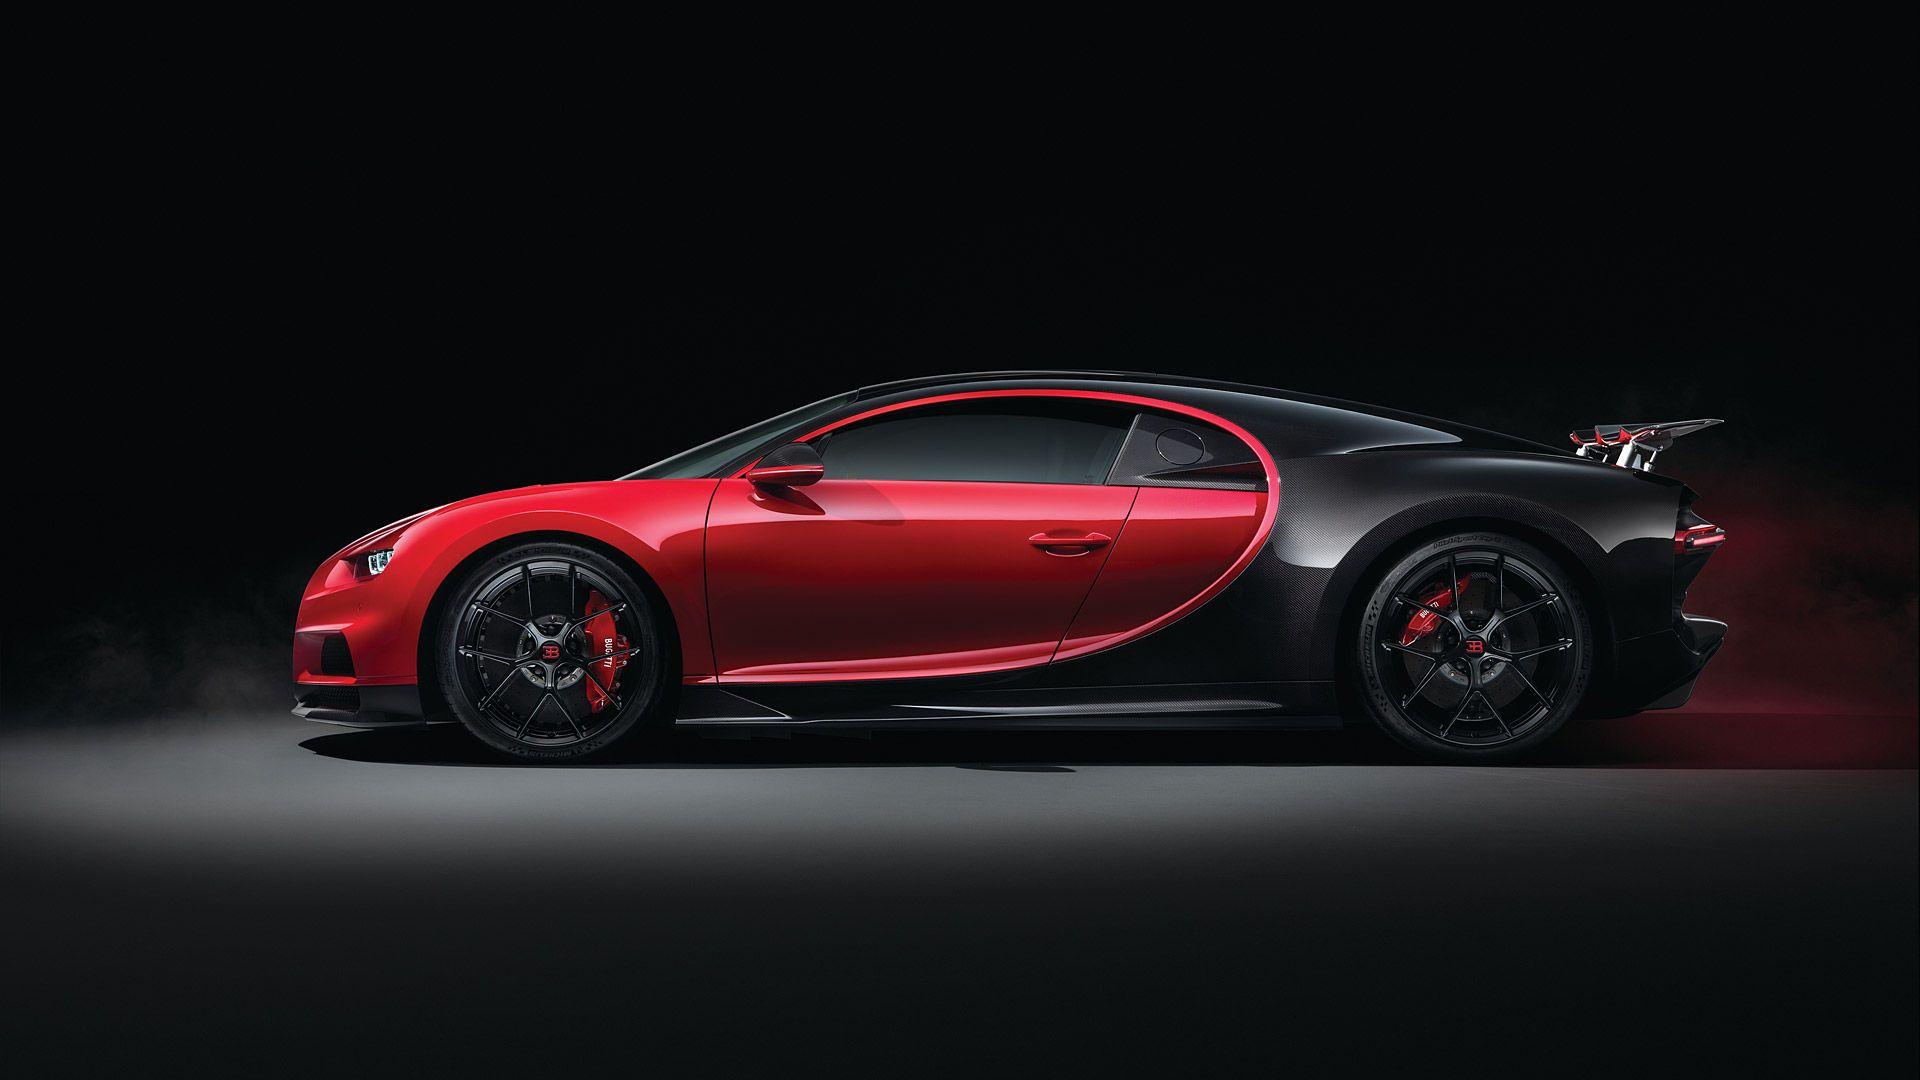 2019 Bugatti Chiron Sport Specs Wallpaper Bugatti Chiron Bugatti Bugatti Cars